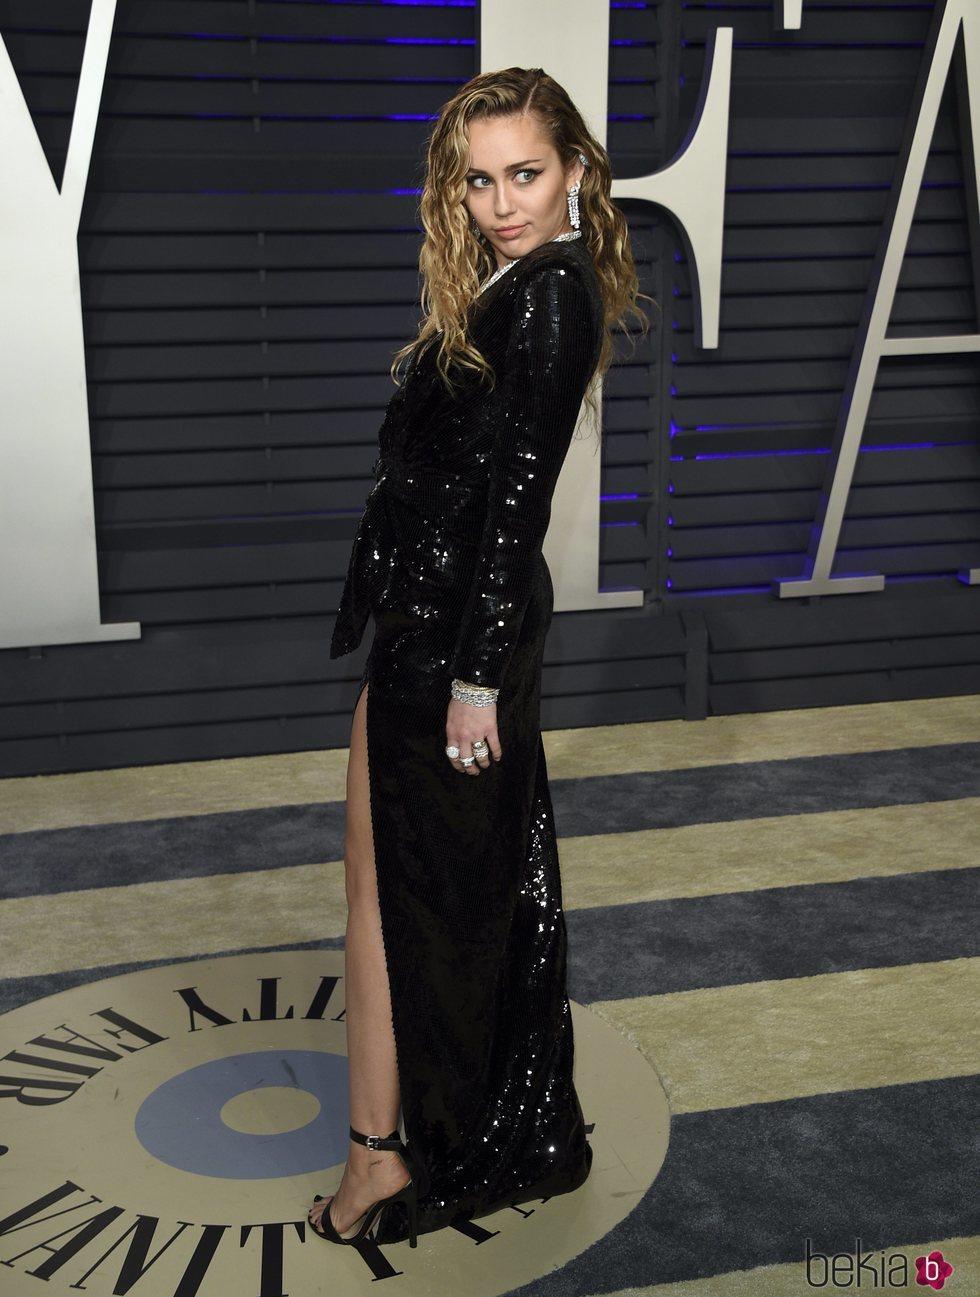 Miley Cyrus en la fiesta Vanity Fair tras los Premios Oscar 2019